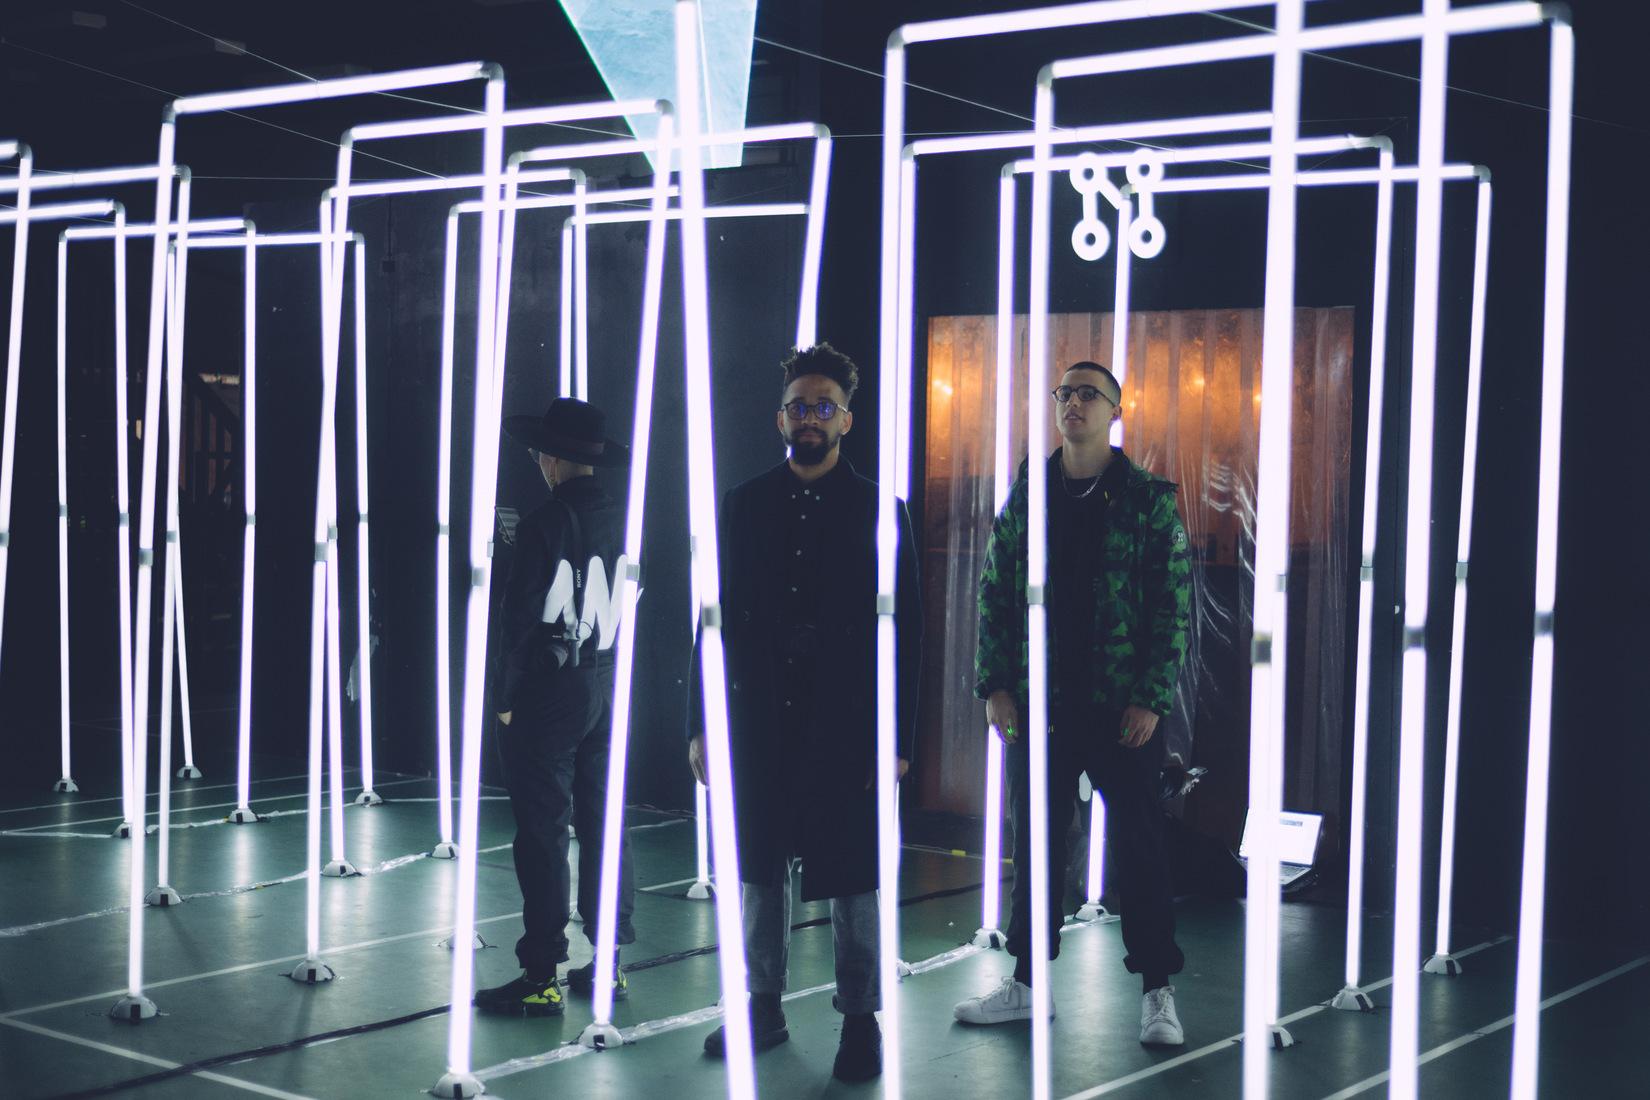 3 personnes se tiennent debout sous des structures lumineuses linéaires